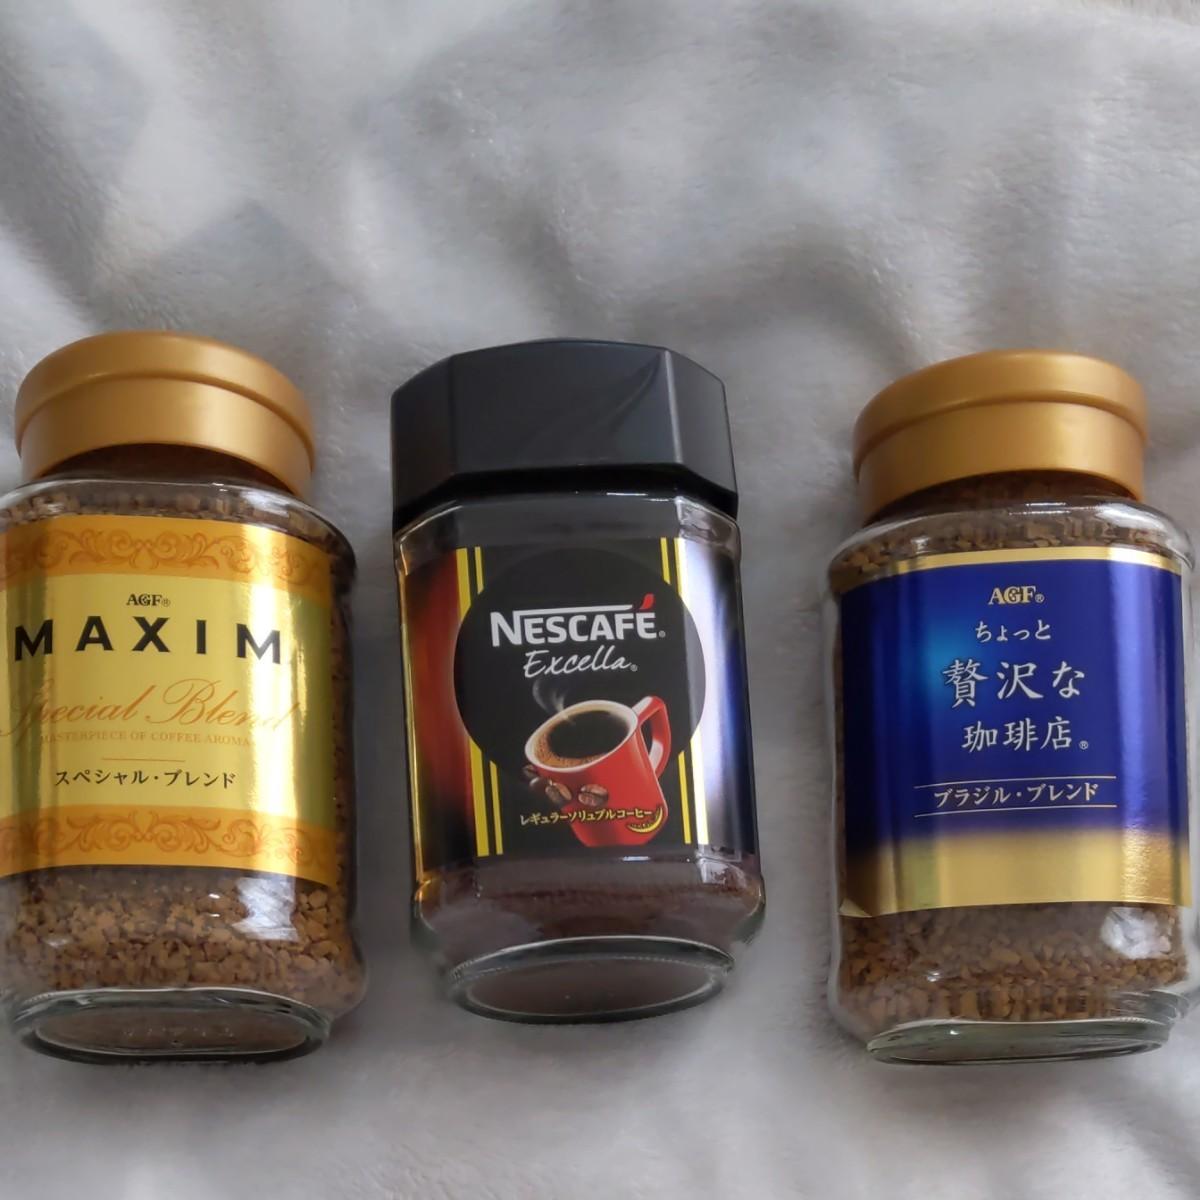 インスタントコーヒー AGF2本 NESCAFE 1本